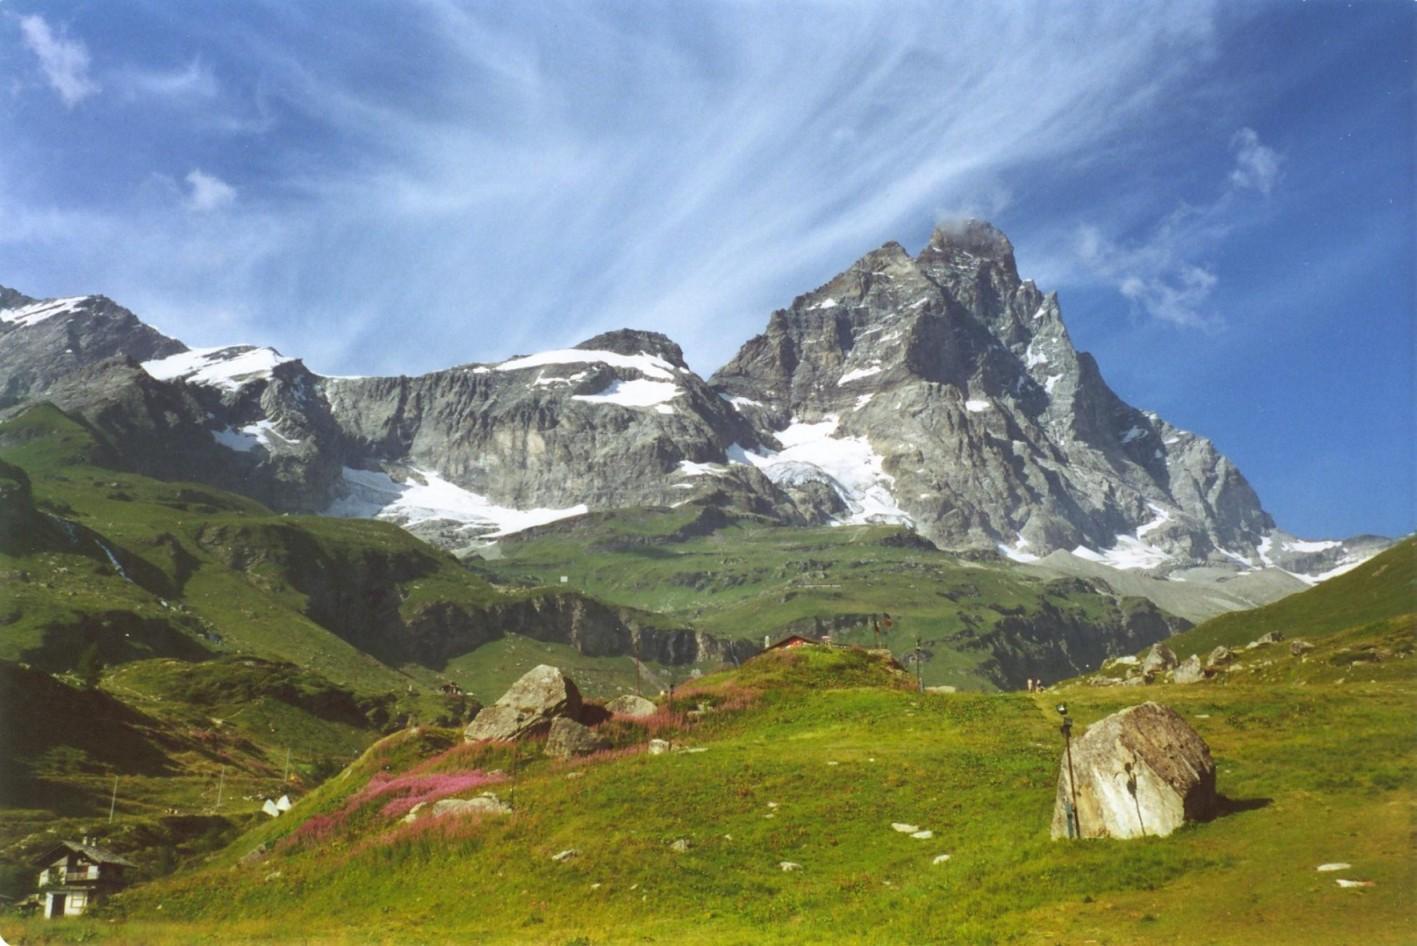 Monte rosa e cervino da diverse prospettive forum natura for Foto di zig e sharko